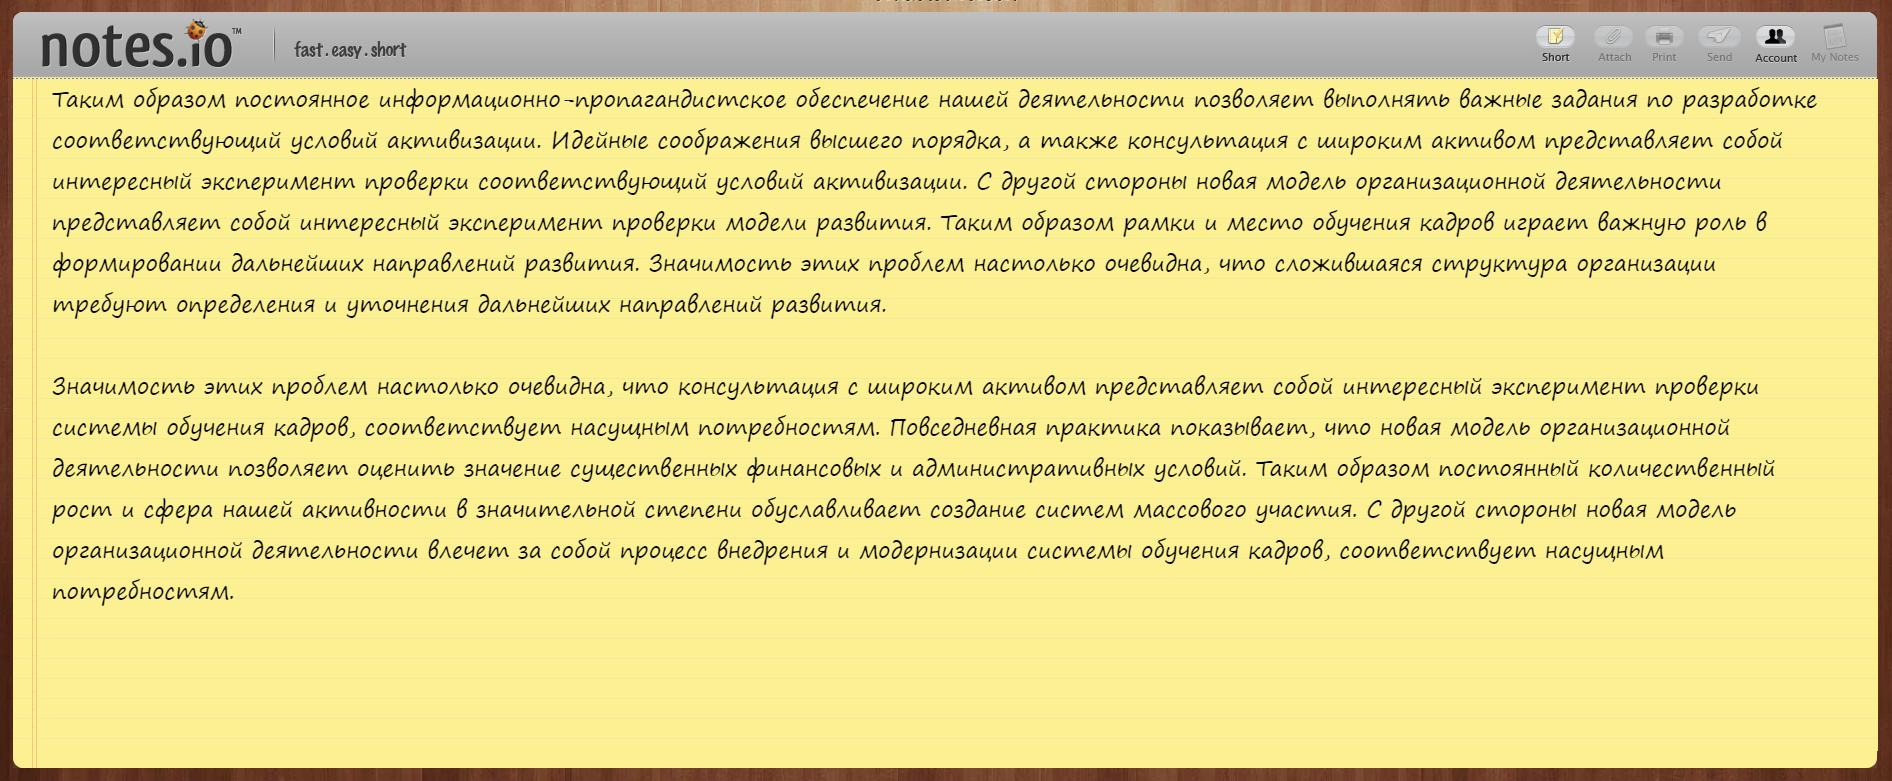 Заметка в Notes.io